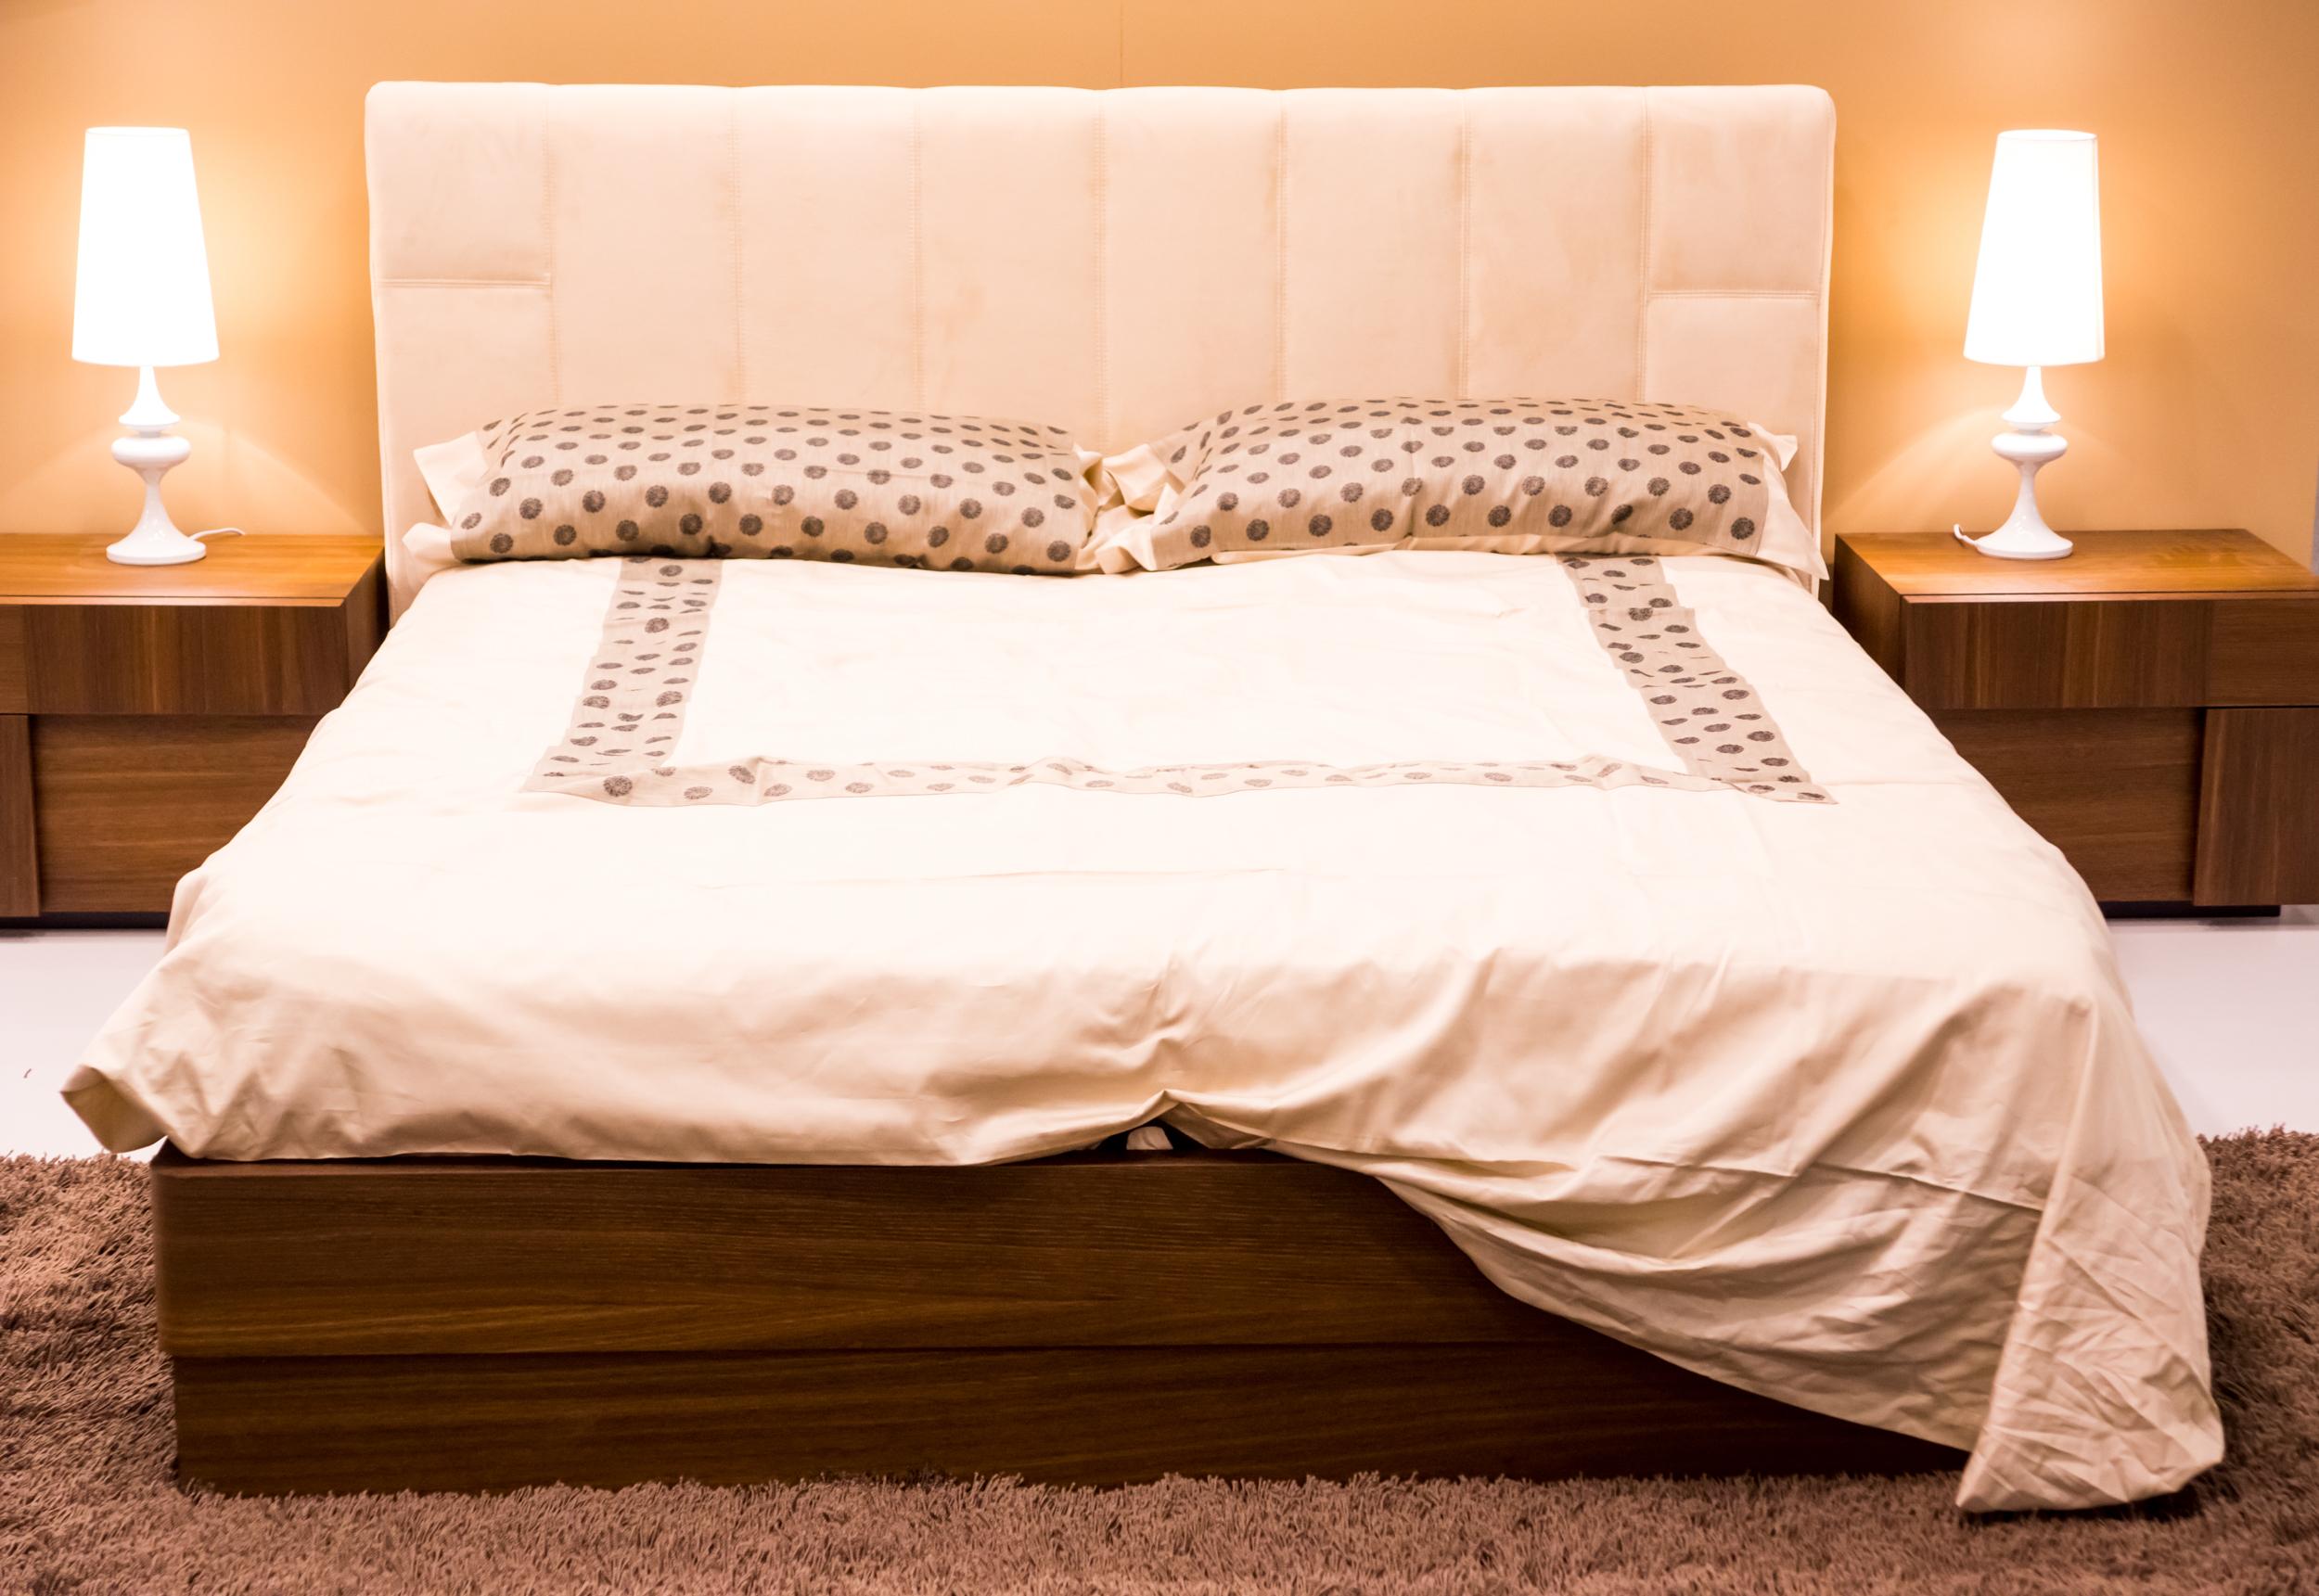 Кровать с прикроватными тумочками